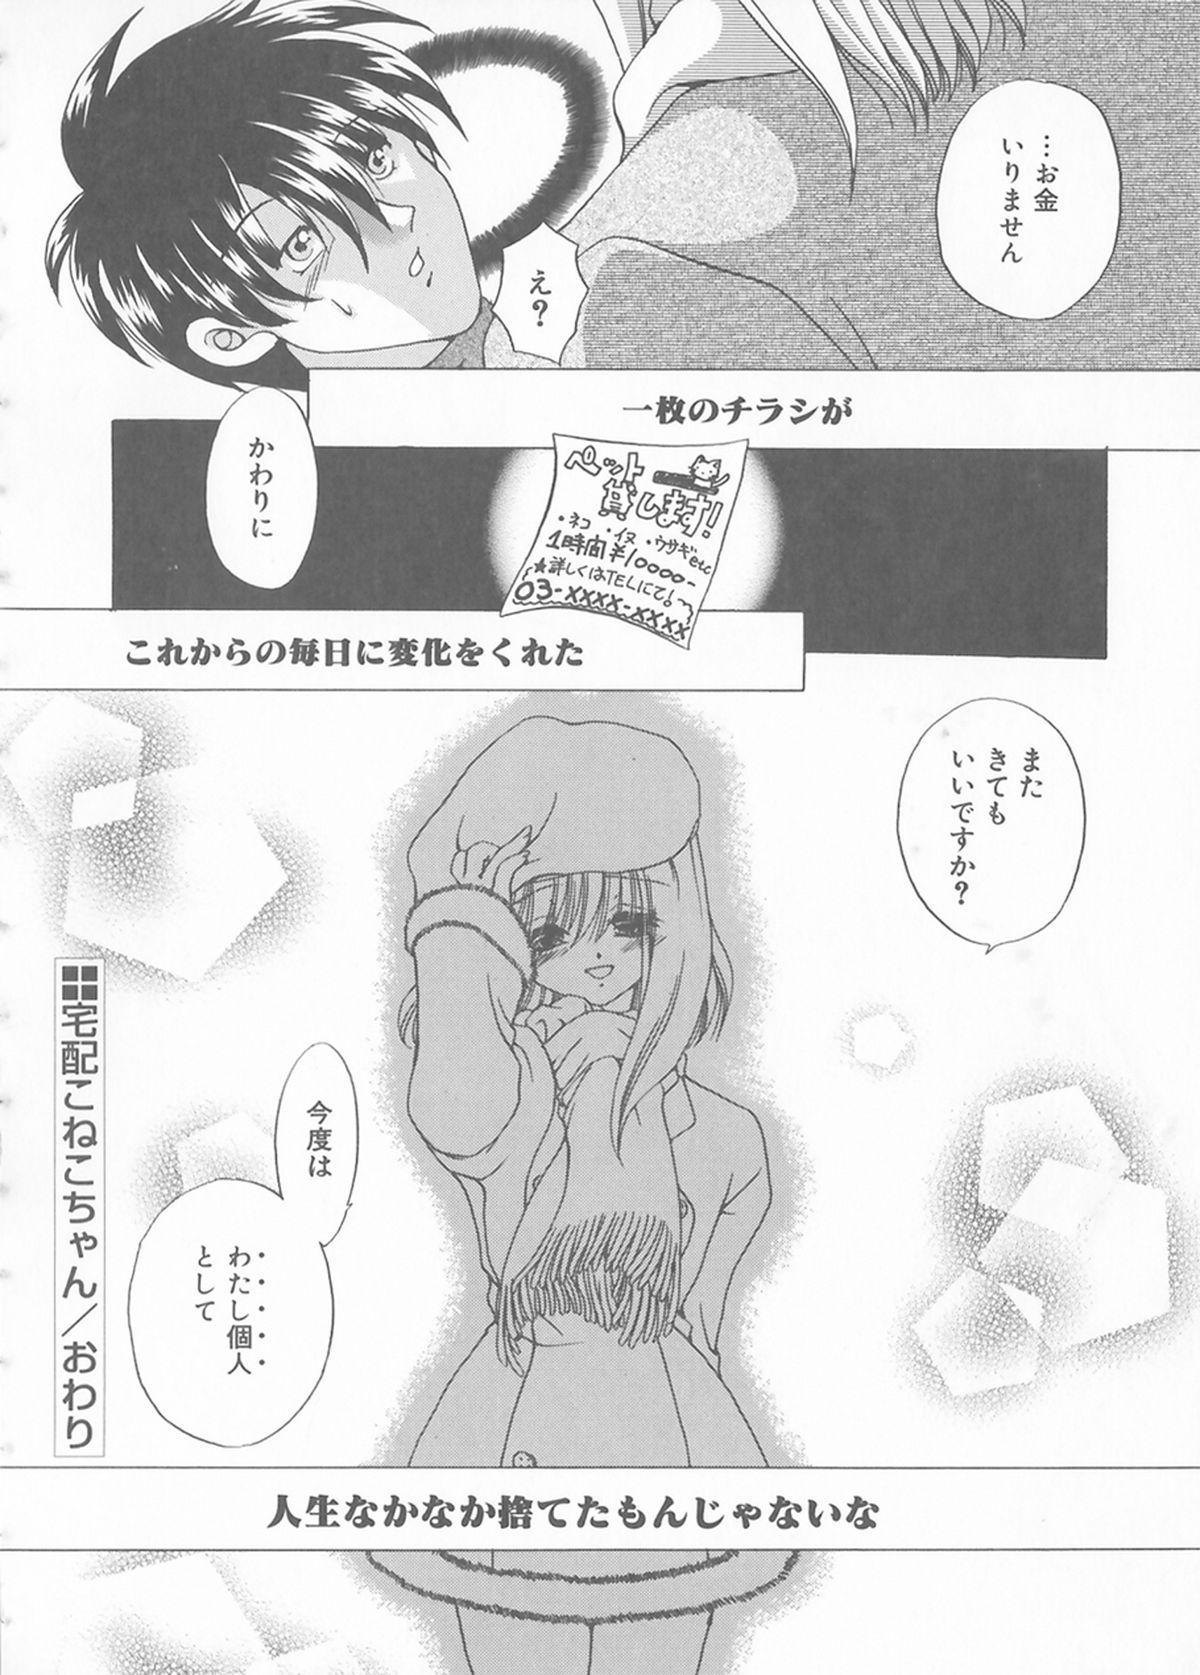 Cream Tengoku - Shinsouban 65